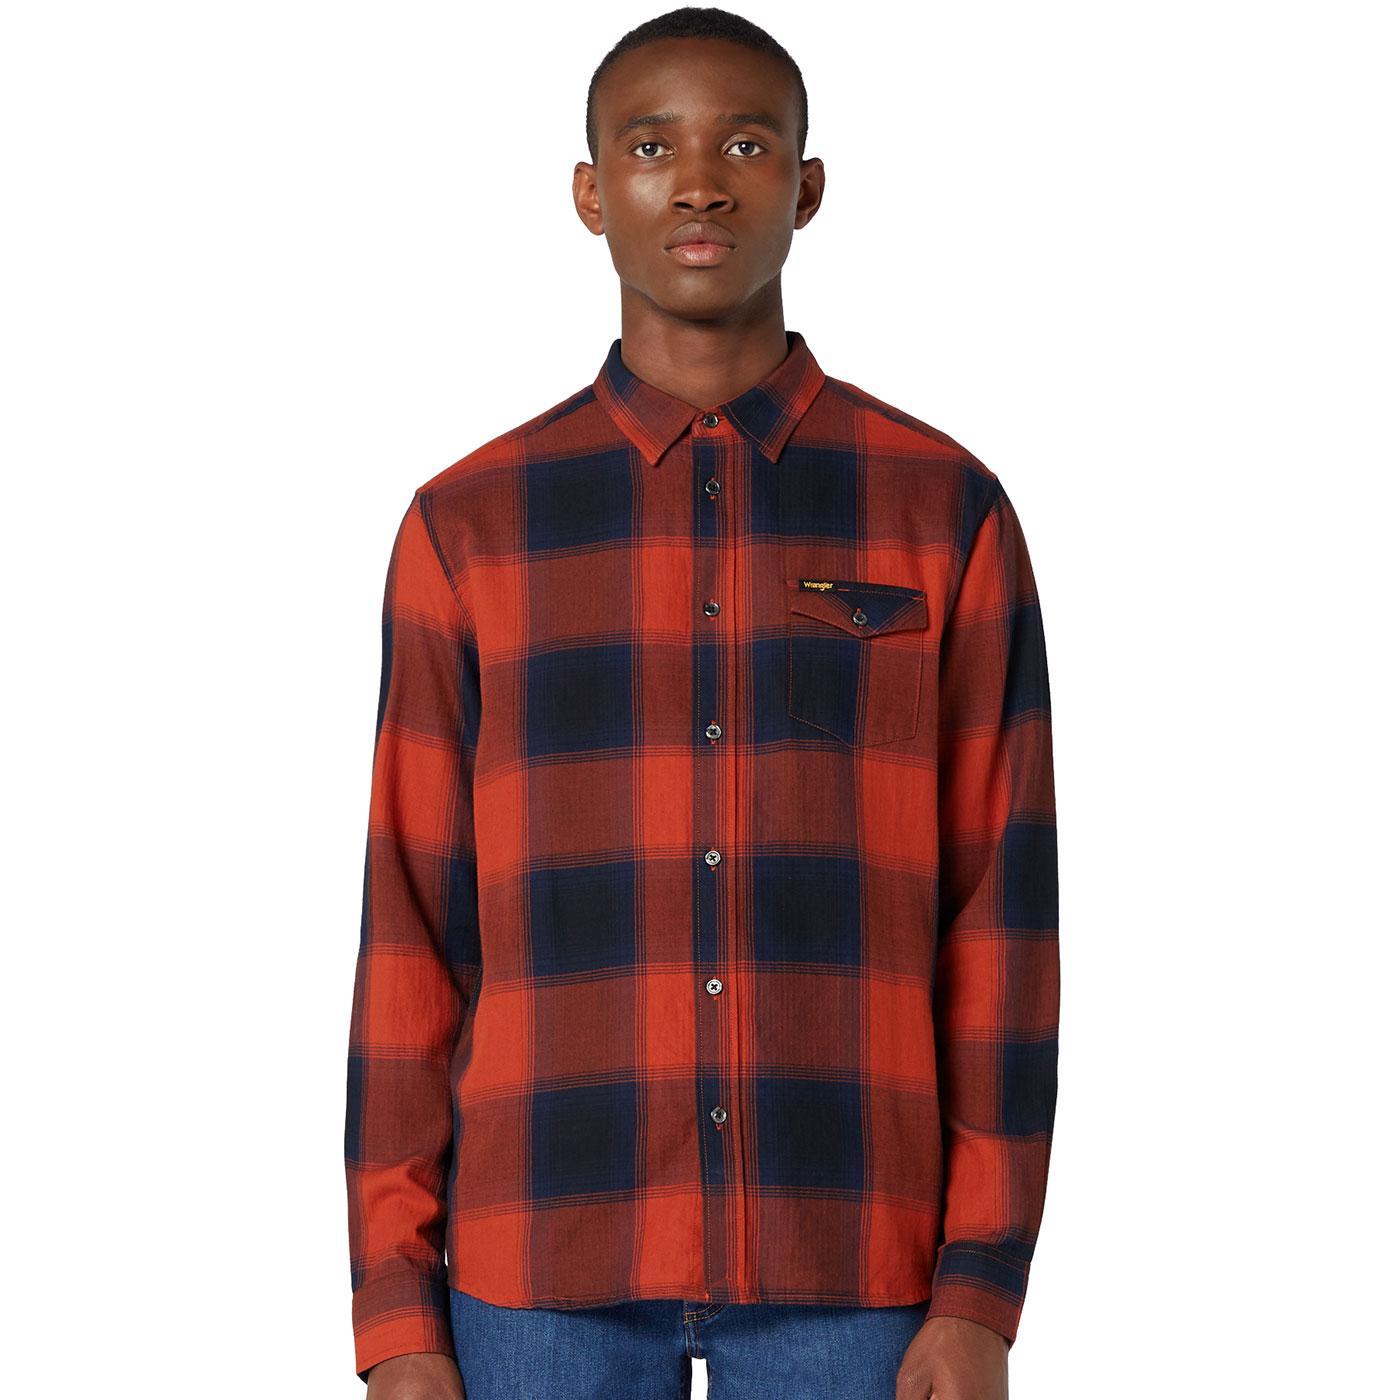 WRANGLER Men's 1 Pocket Retro Western Check Shirt